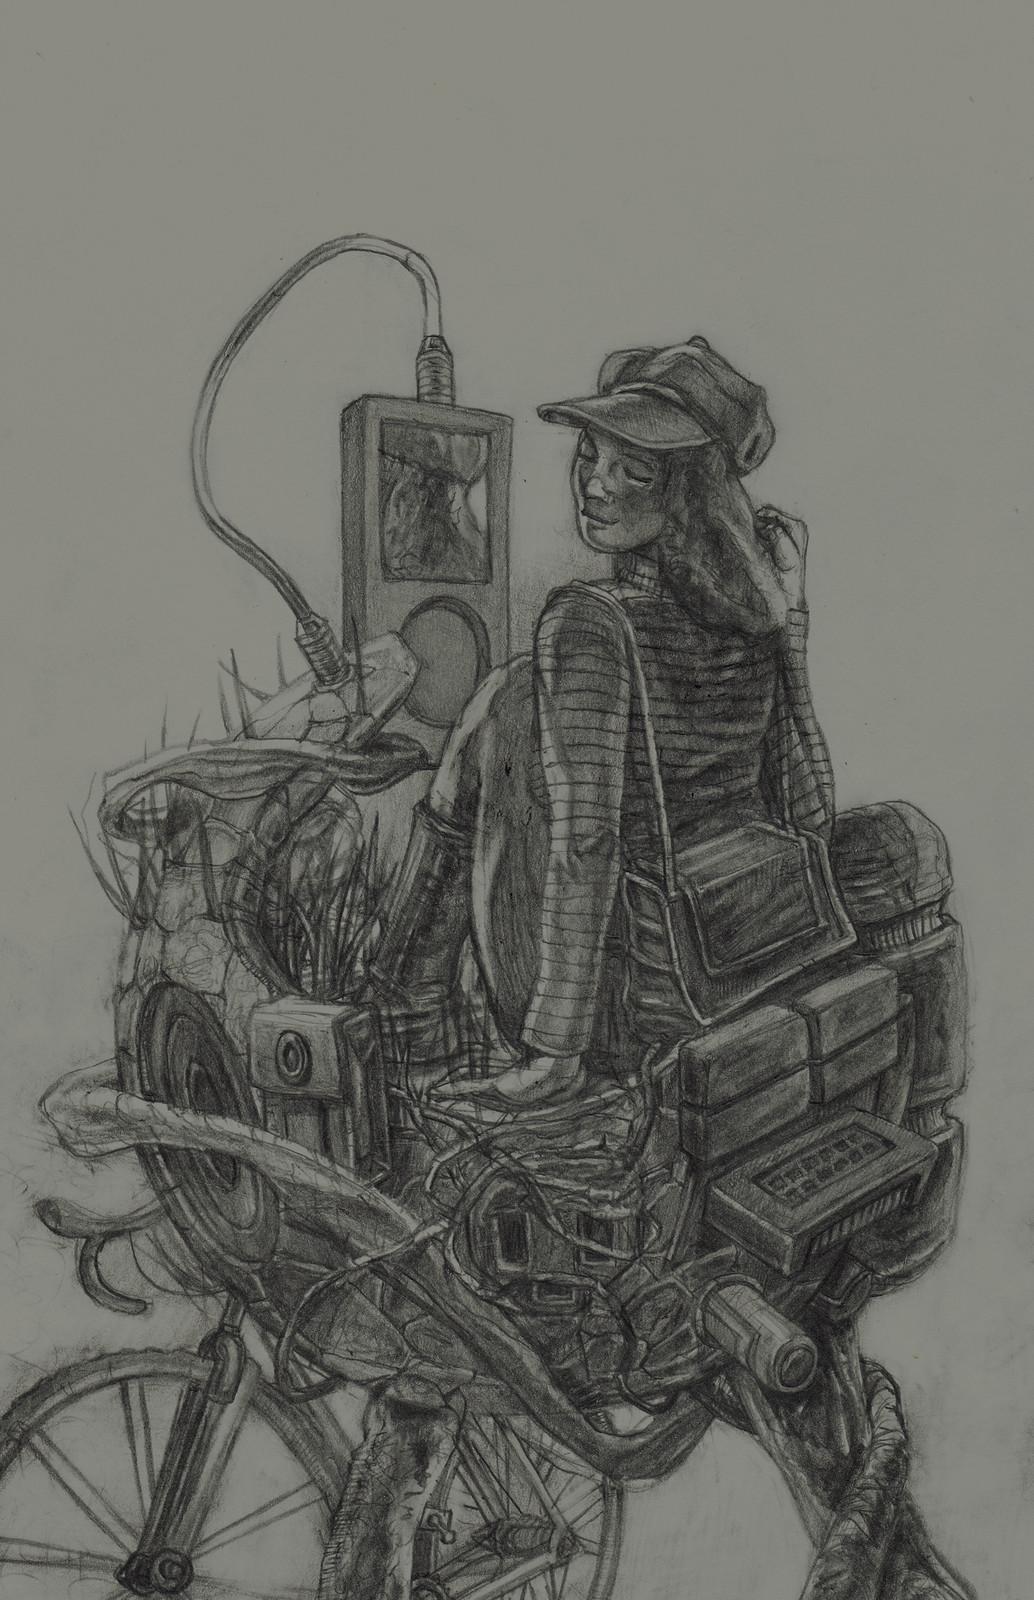 Sally Surreal #2—Concept Sketch